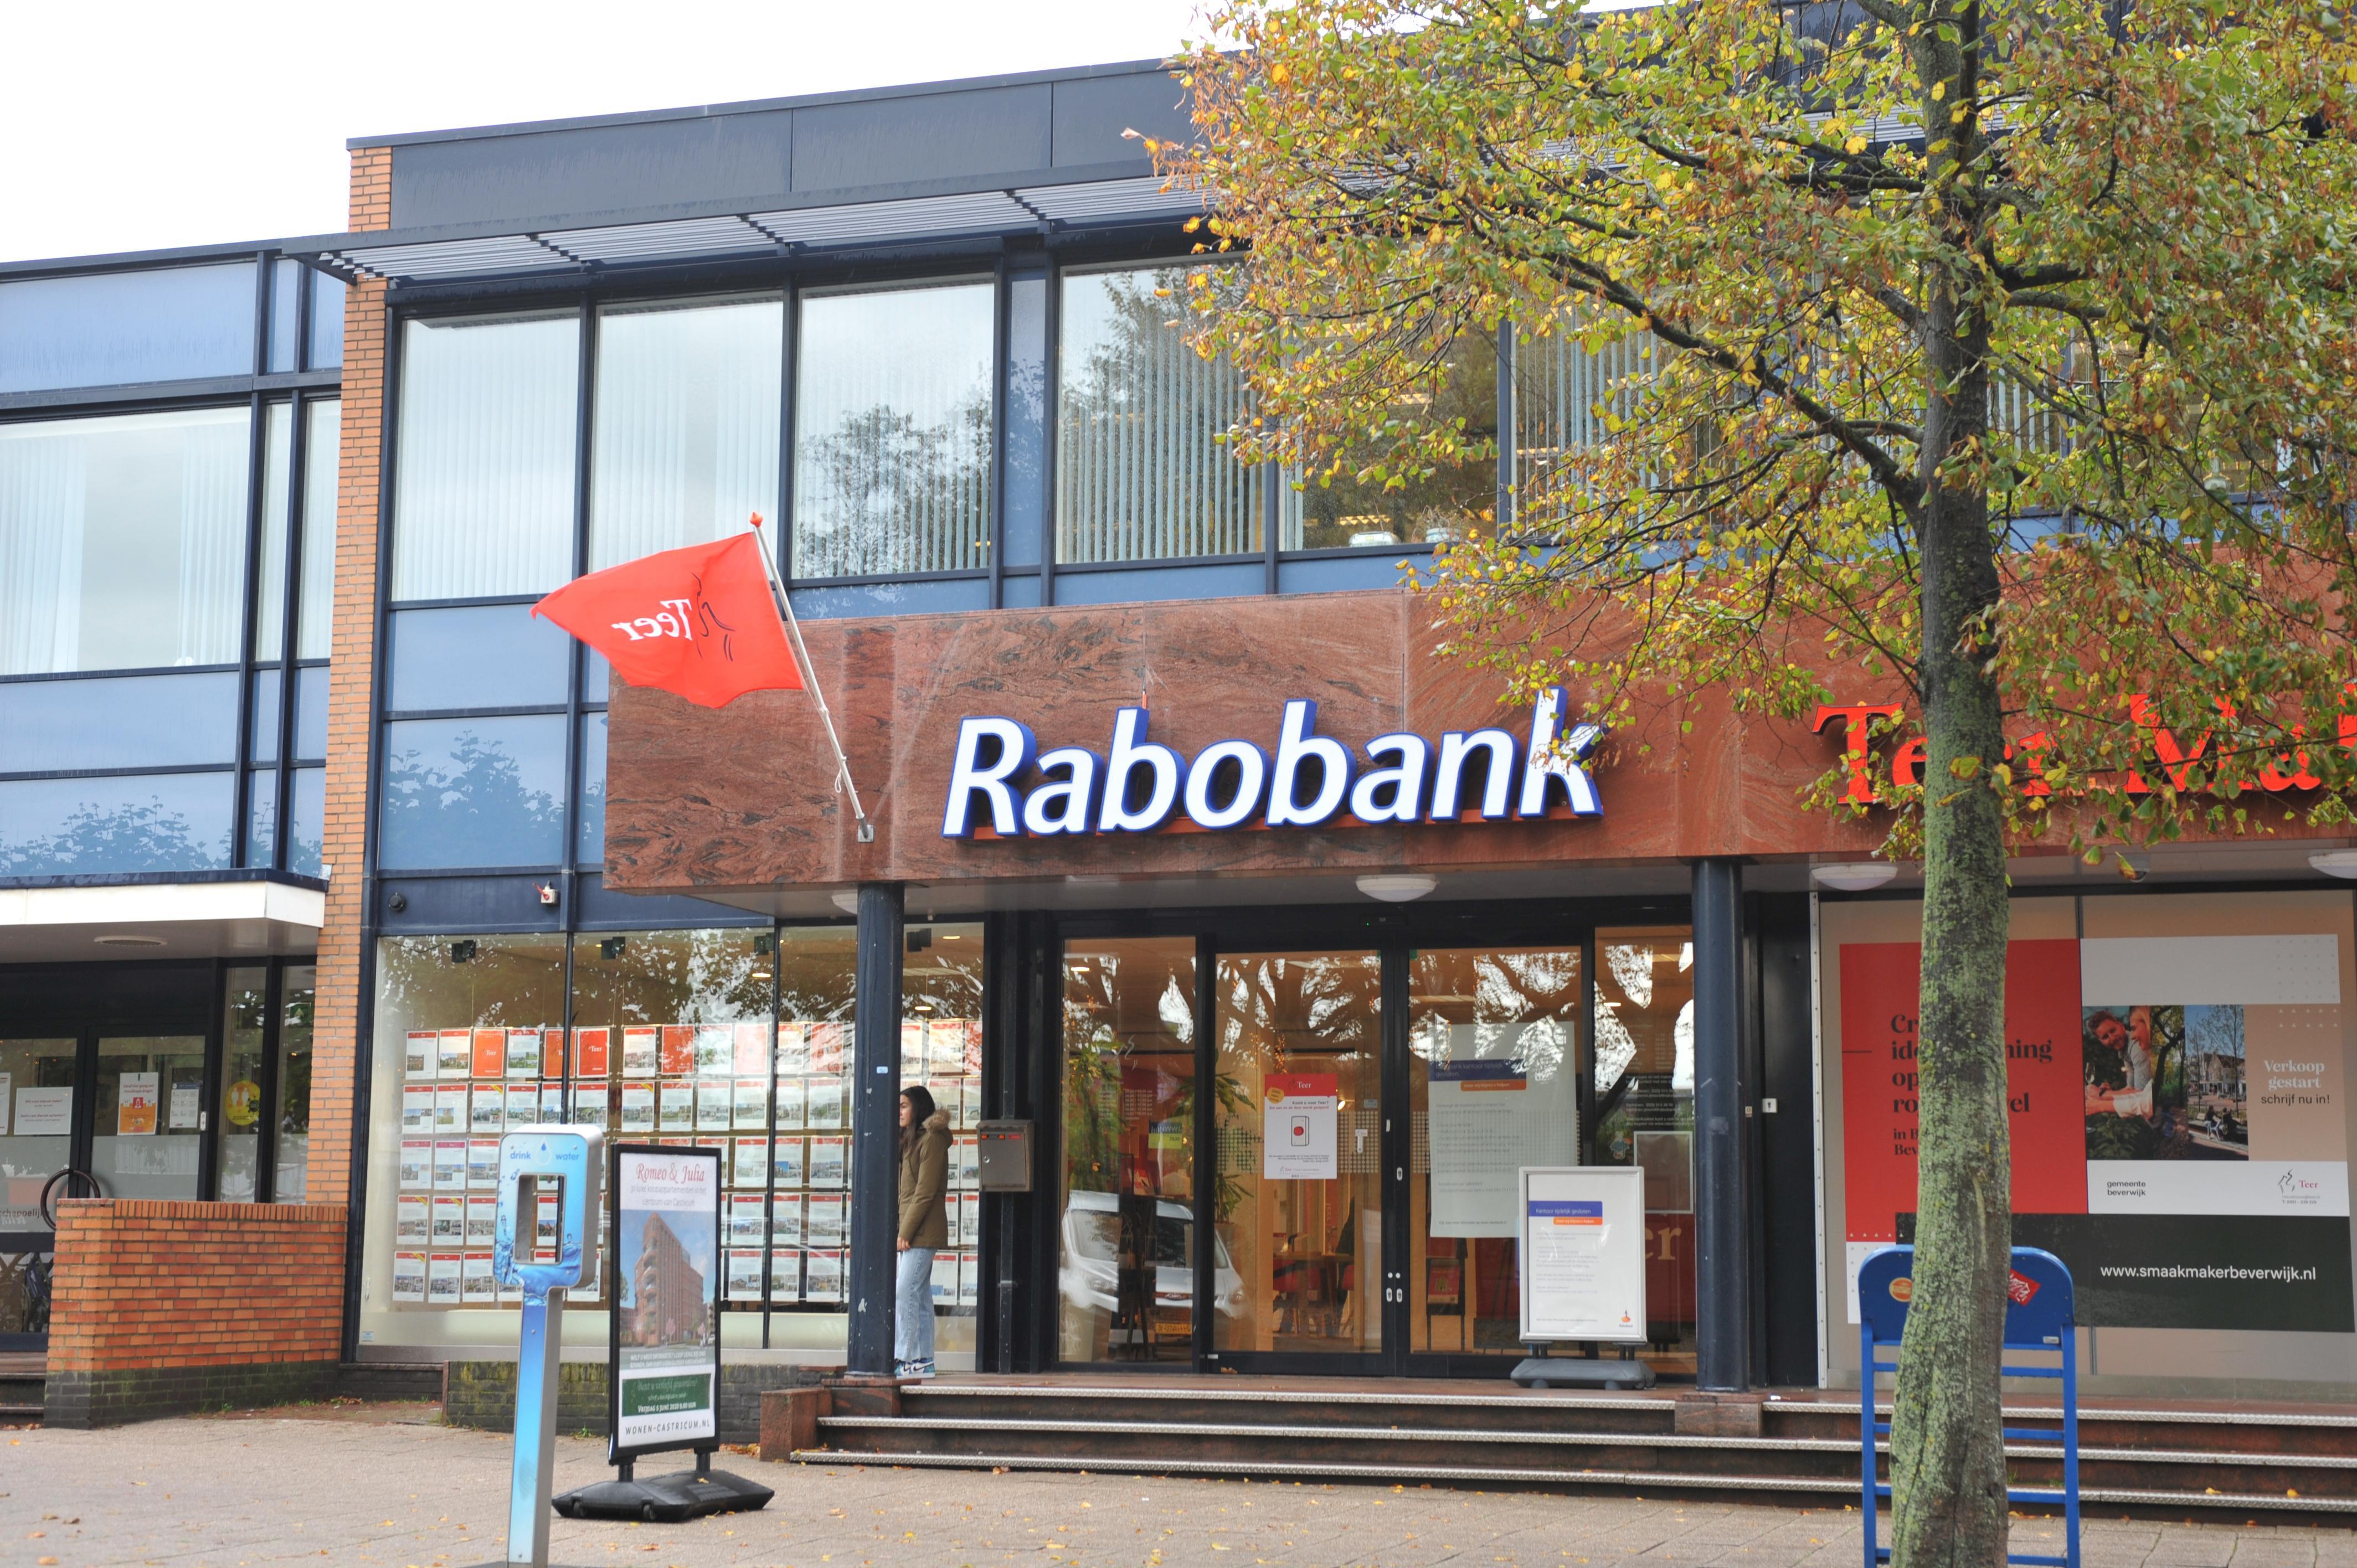 Rabobank Heemskerk sluit deuren filiaal aan Burgemeester Nielenplein. Klant teleurgesteld: 'Een computer wenst je geen sterkte'